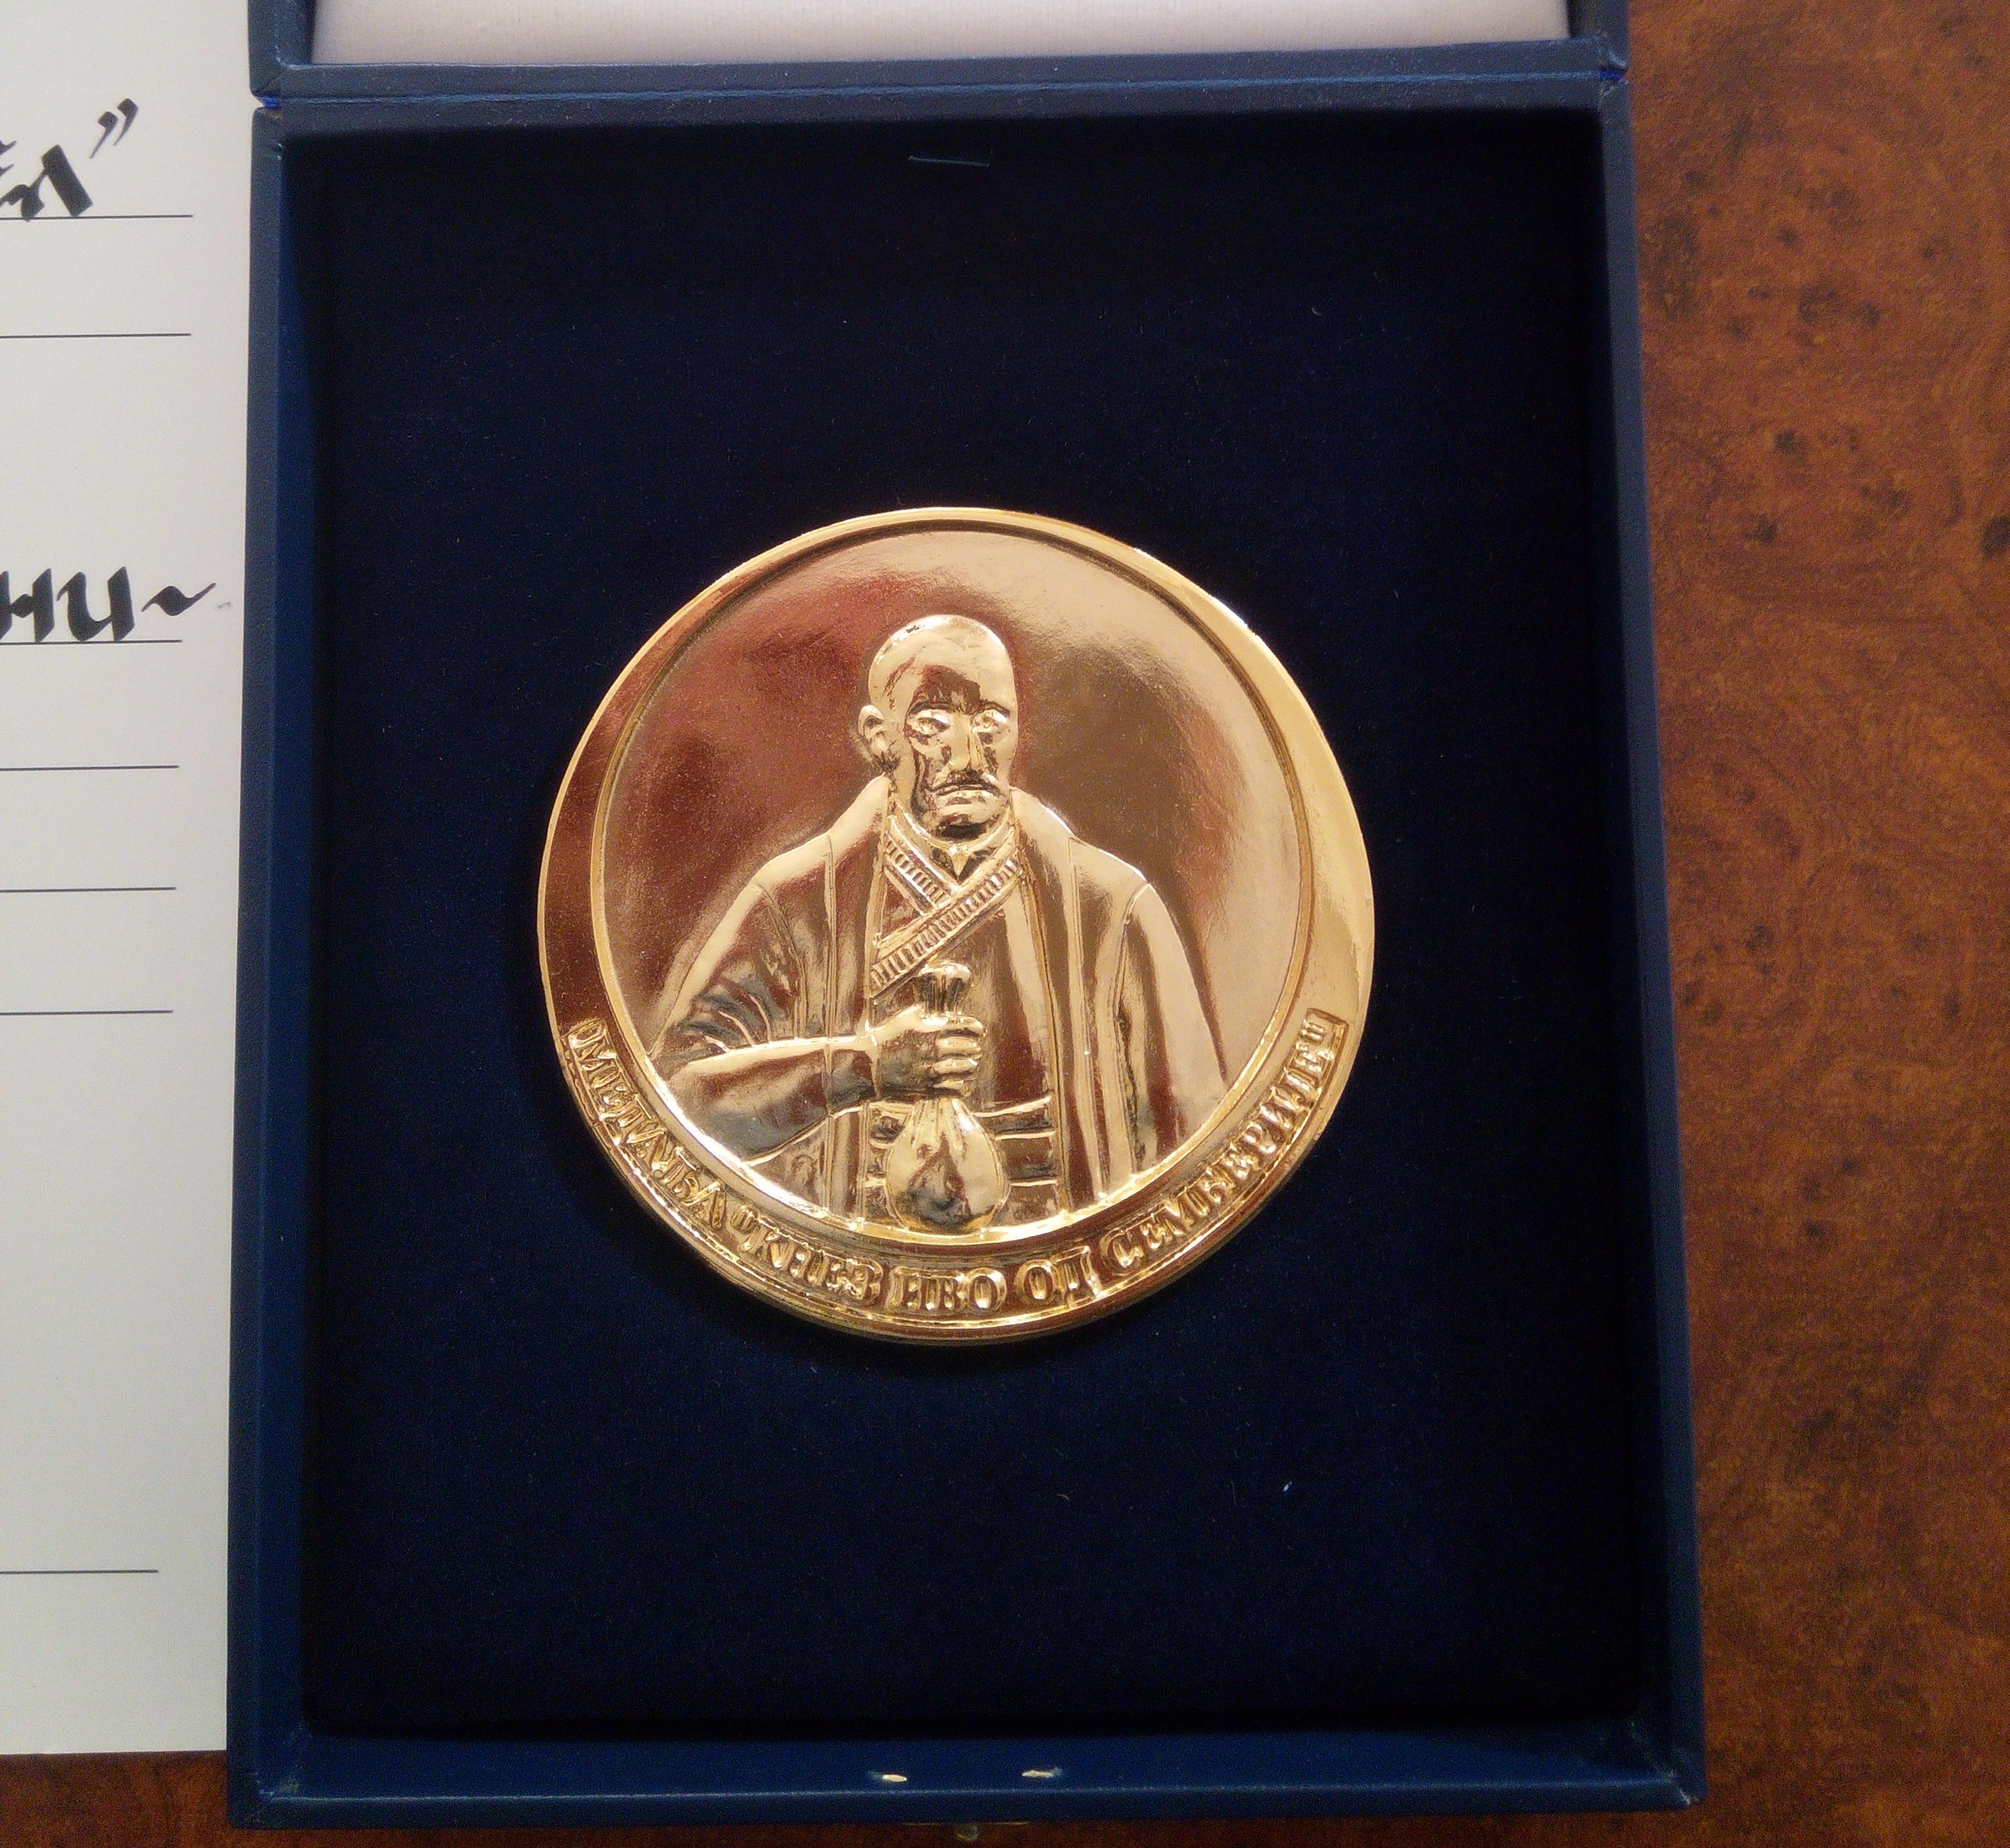 mtelu-zlatna-medalja-za-razvoj-telekomunikacionih-usluga